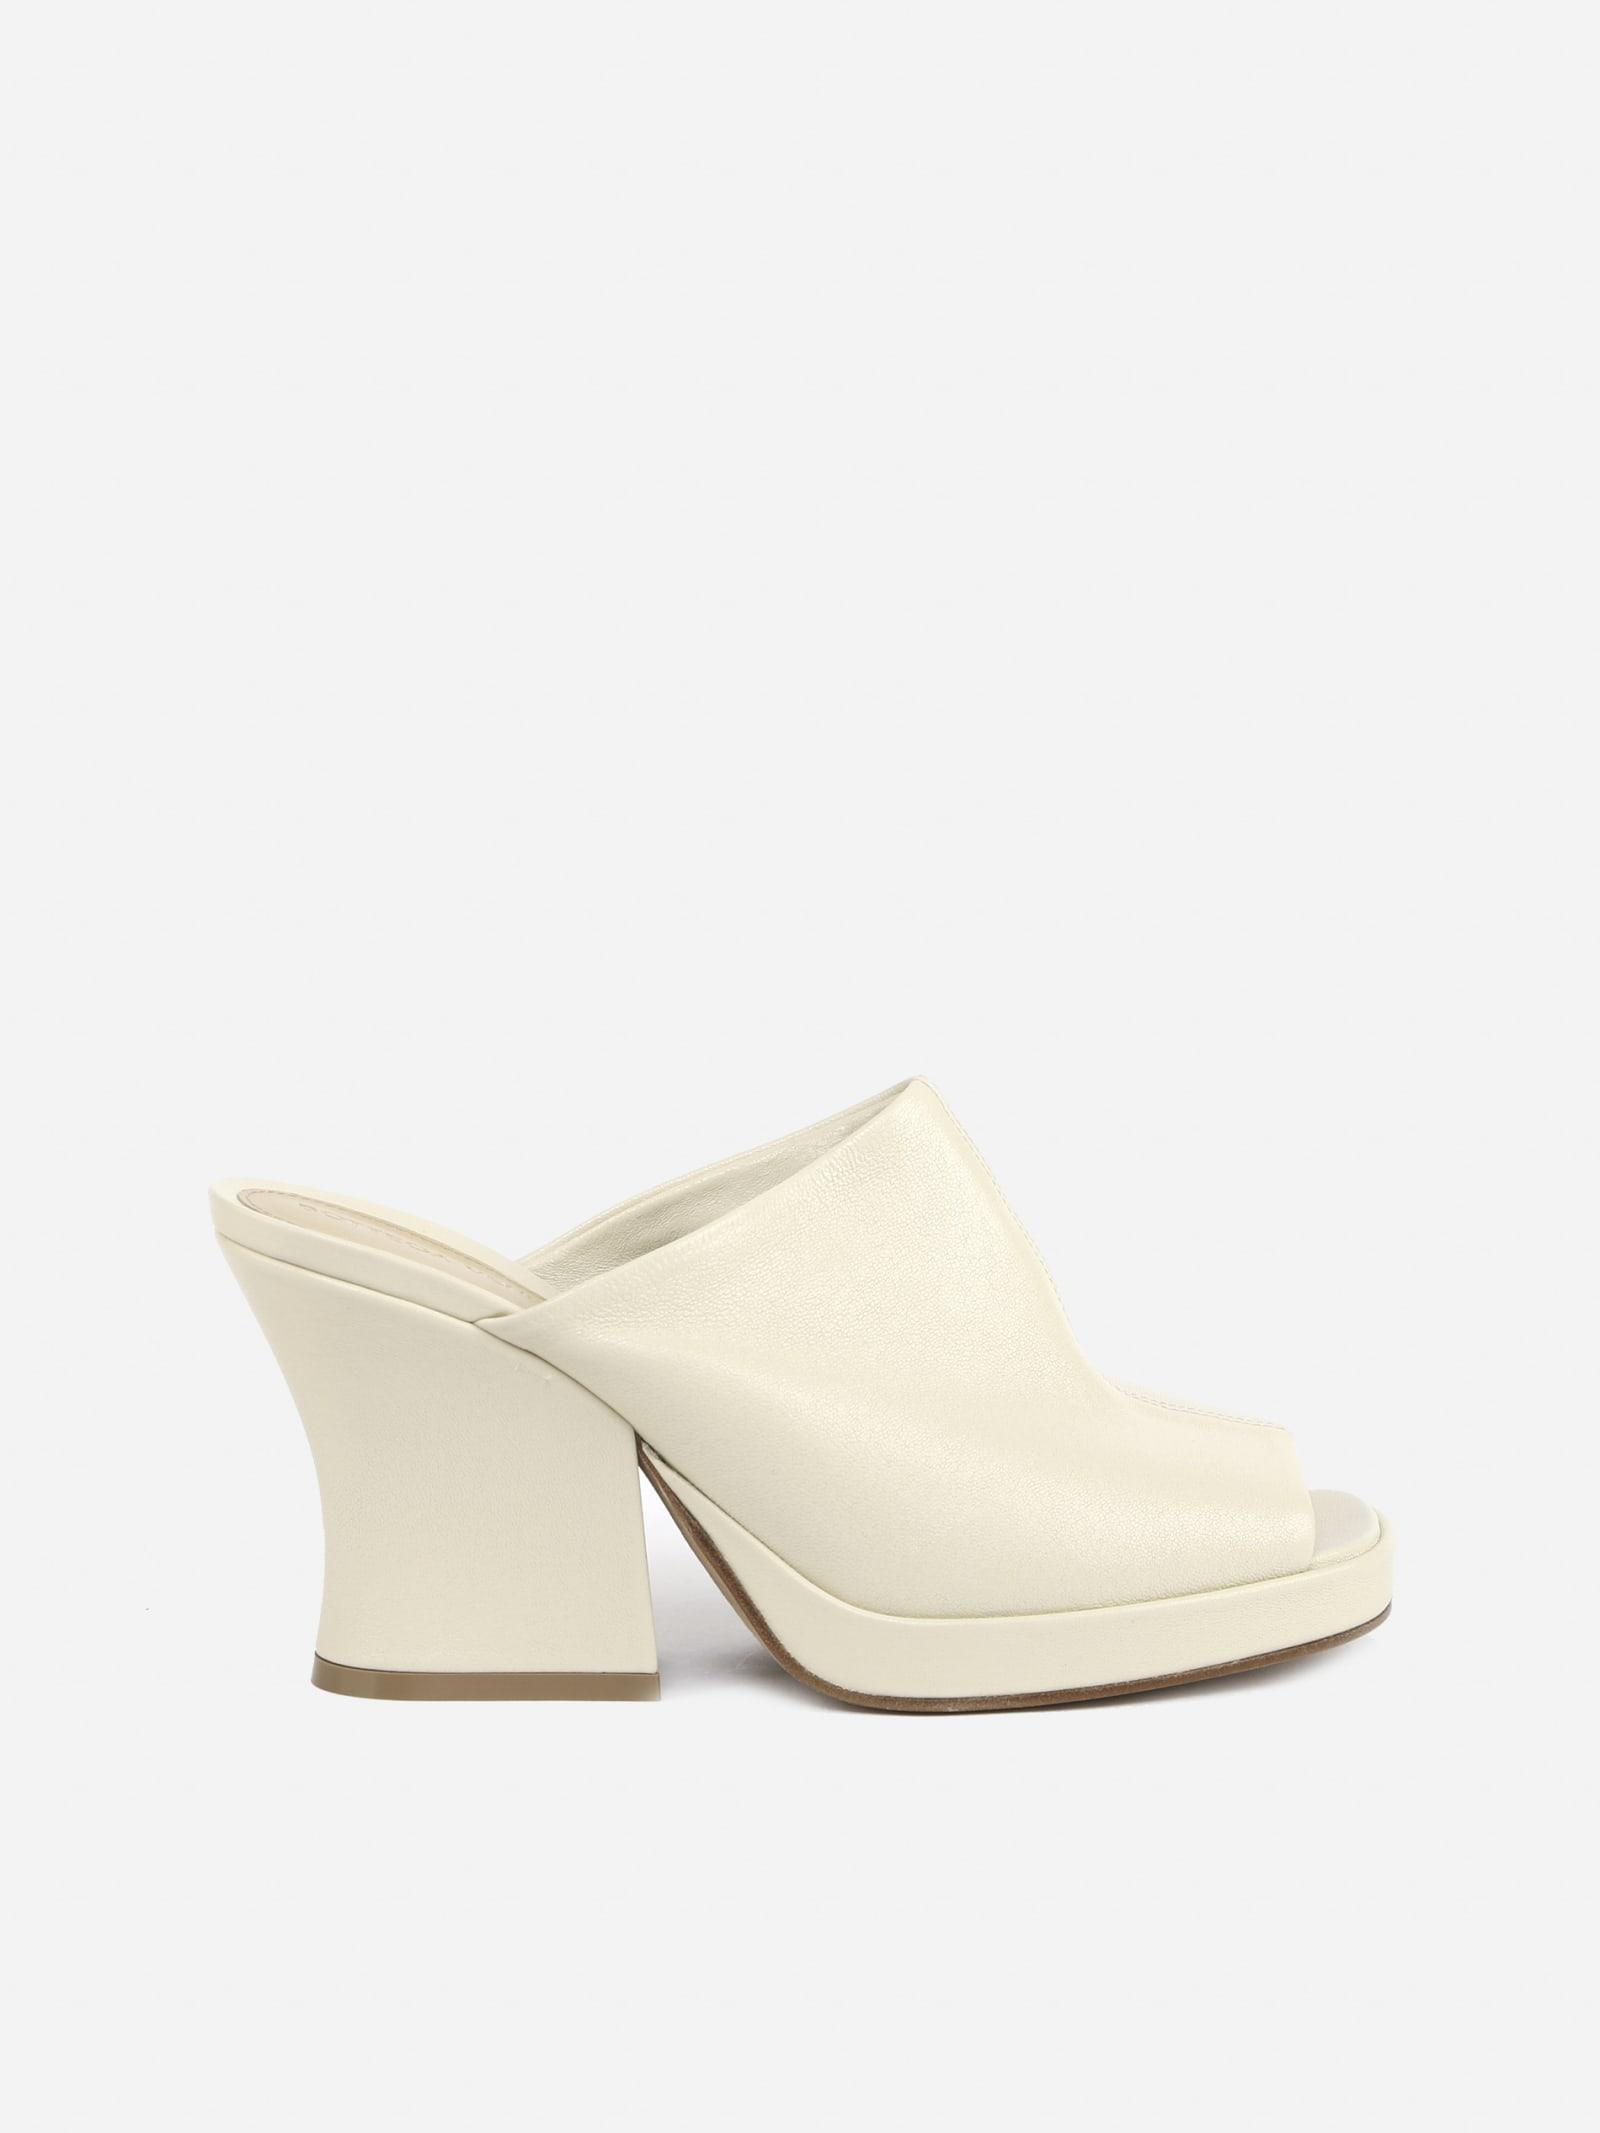 Buy Bottega Veneta Stack Mules Made Of Leather online, shop Bottega Veneta shoes with free shipping